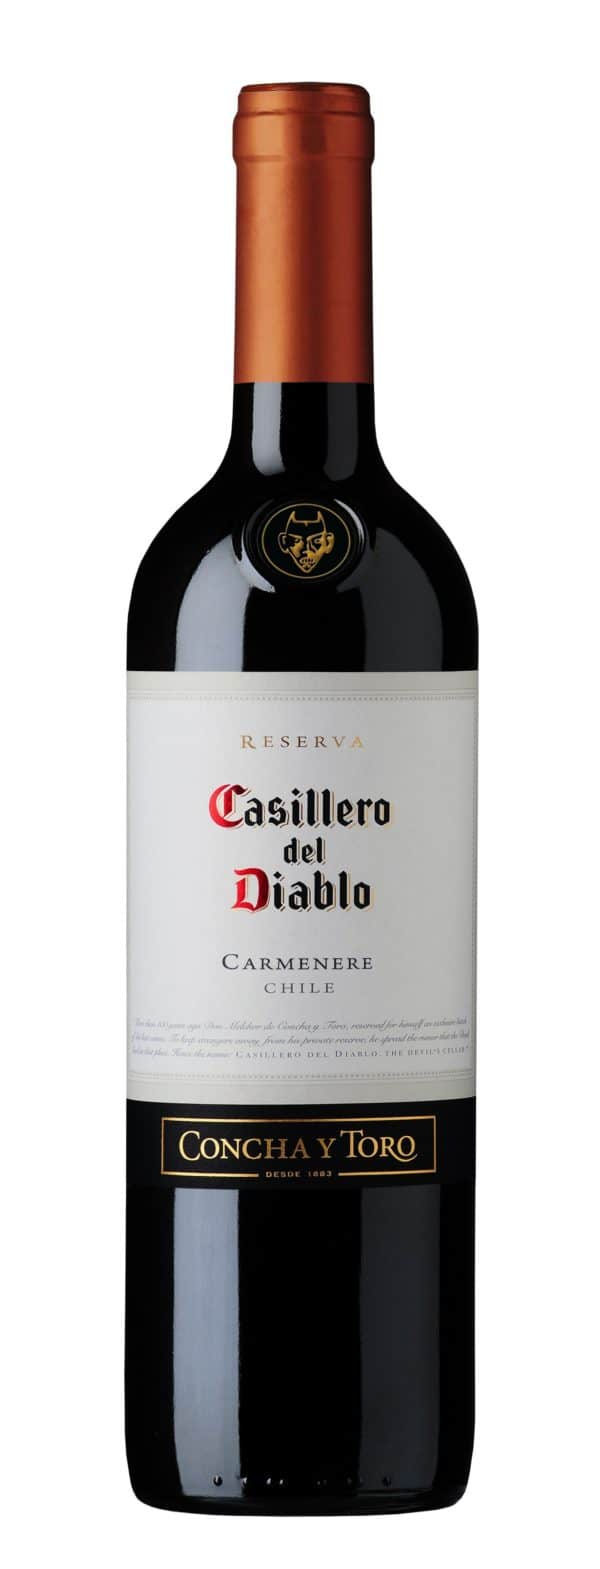 CASILLERO DEL DIABLO CARMENERE RESERVA 2013